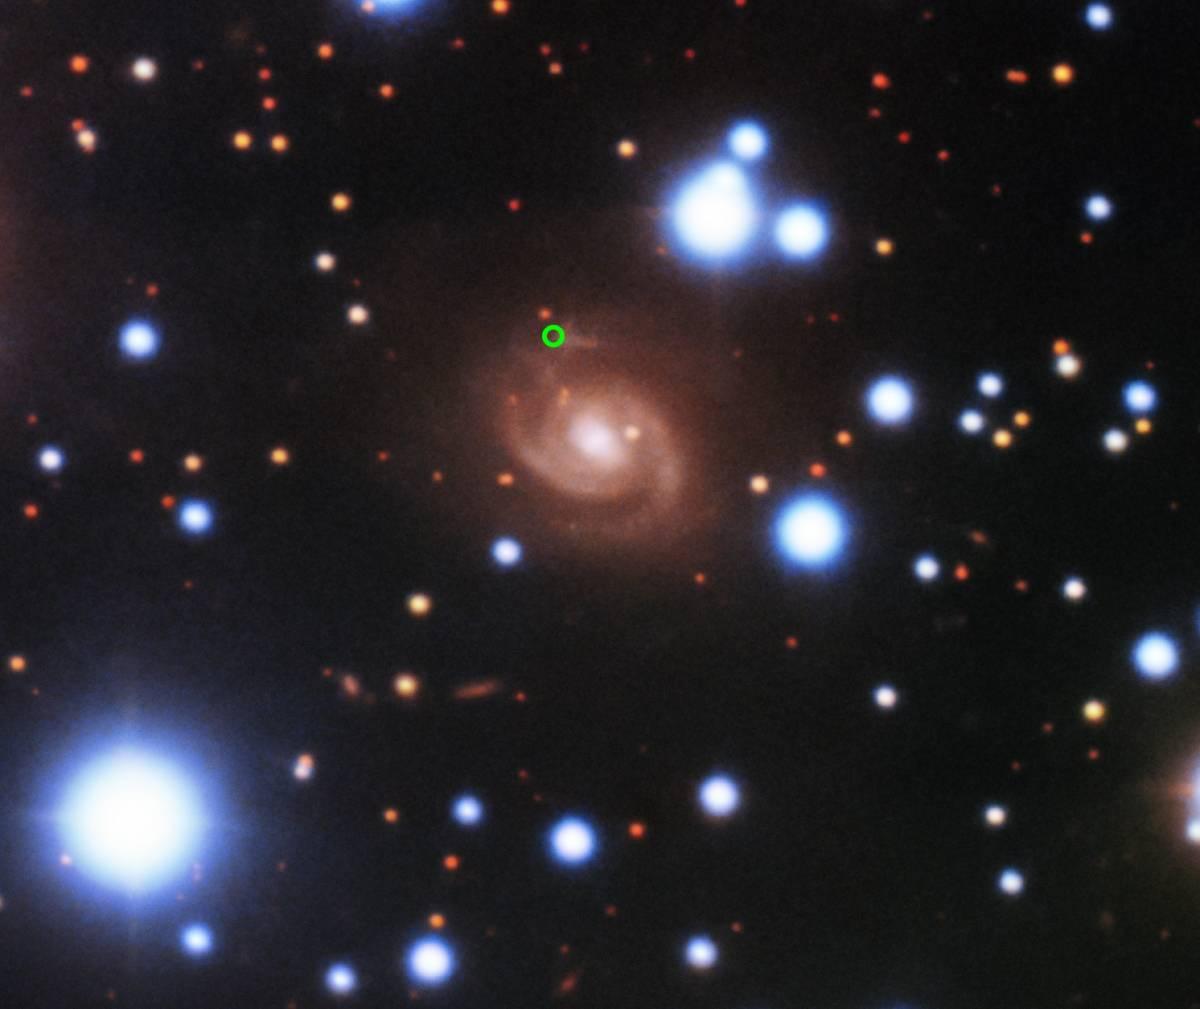 Novo otkriće o misterioznim signalima iz dubokog svemira - ponavljaju se svakih 157 dana